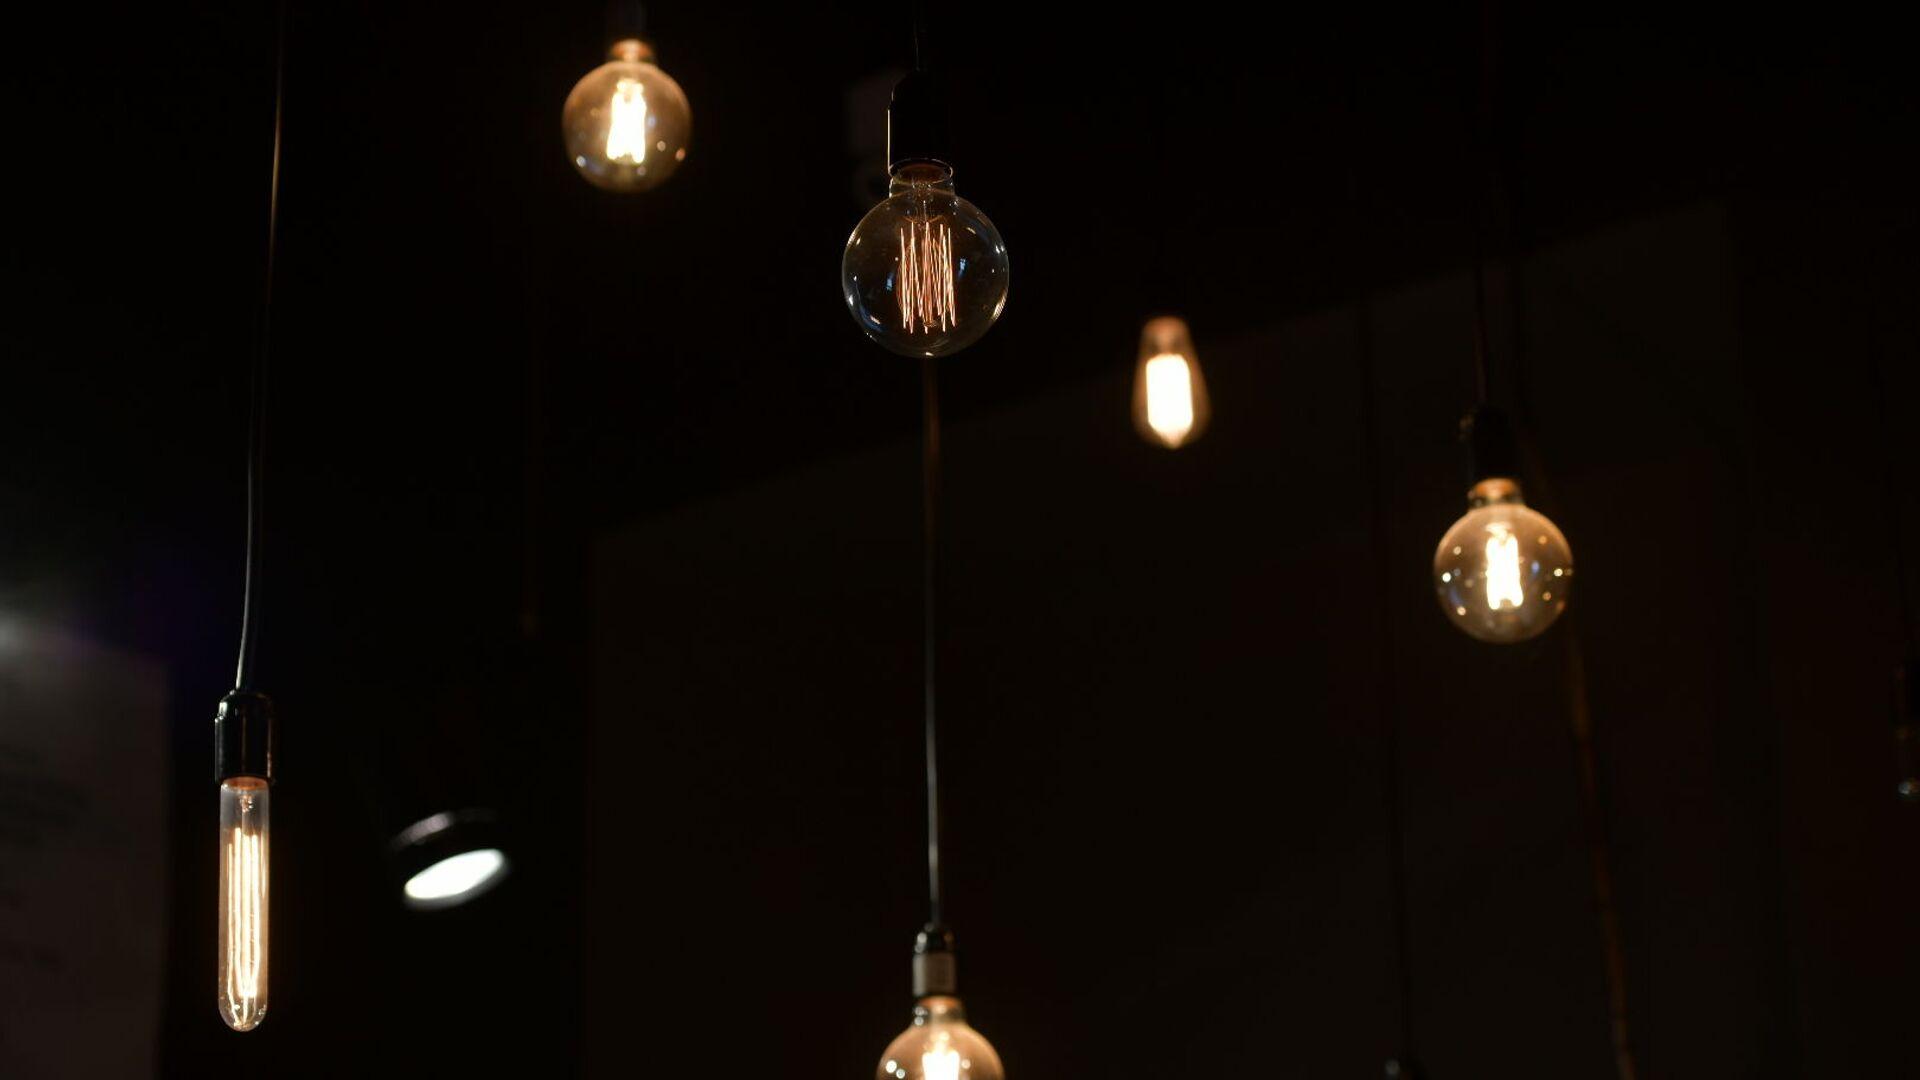 Лампочка  - Sputnik Аҧсны, 1920, 31.08.2021